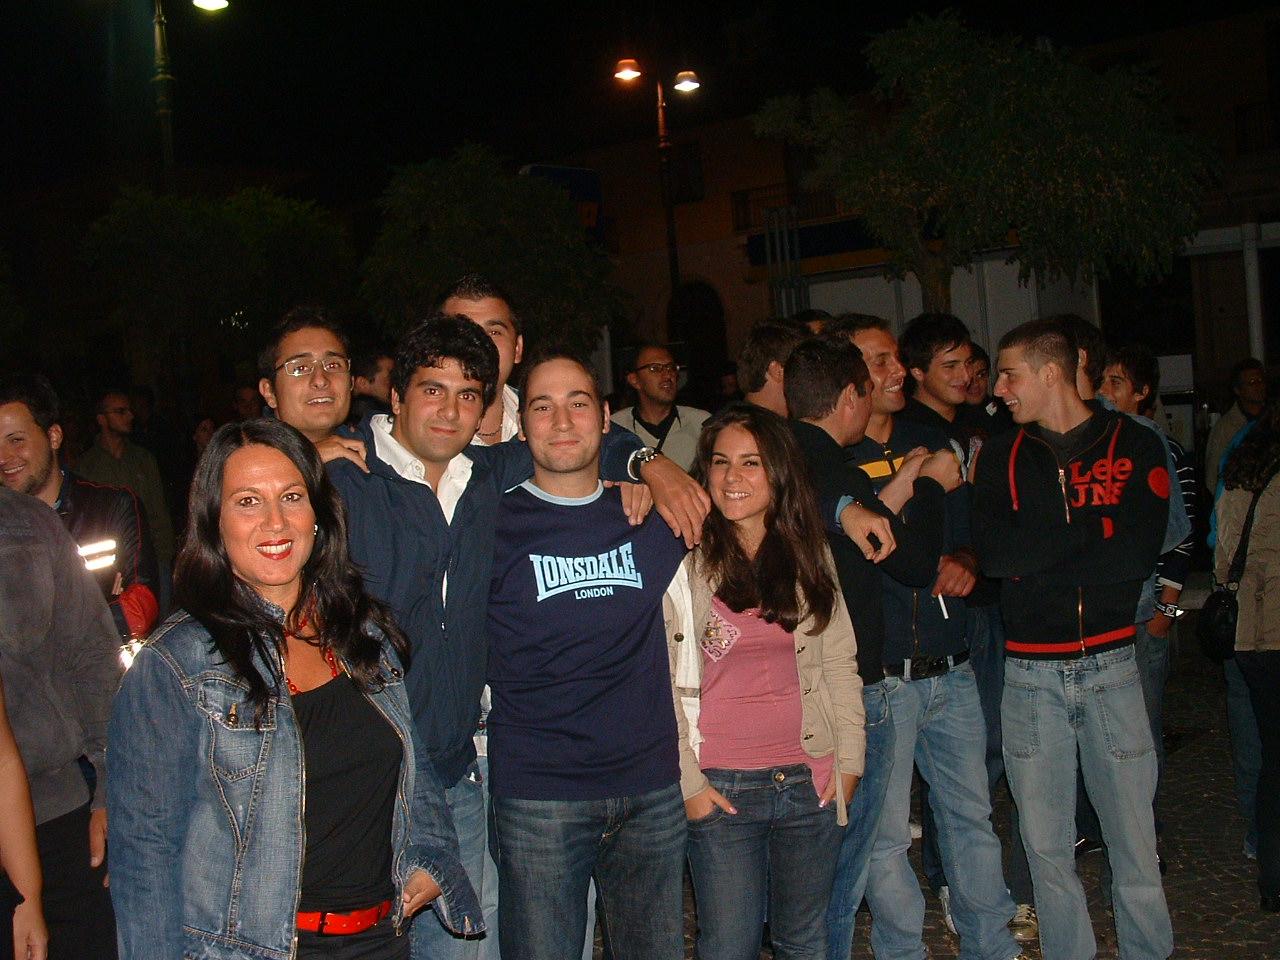 la festa dei giovani organizzata in autonomia il 27 agosto 2008 a Sant'Angelo dei Lombardi